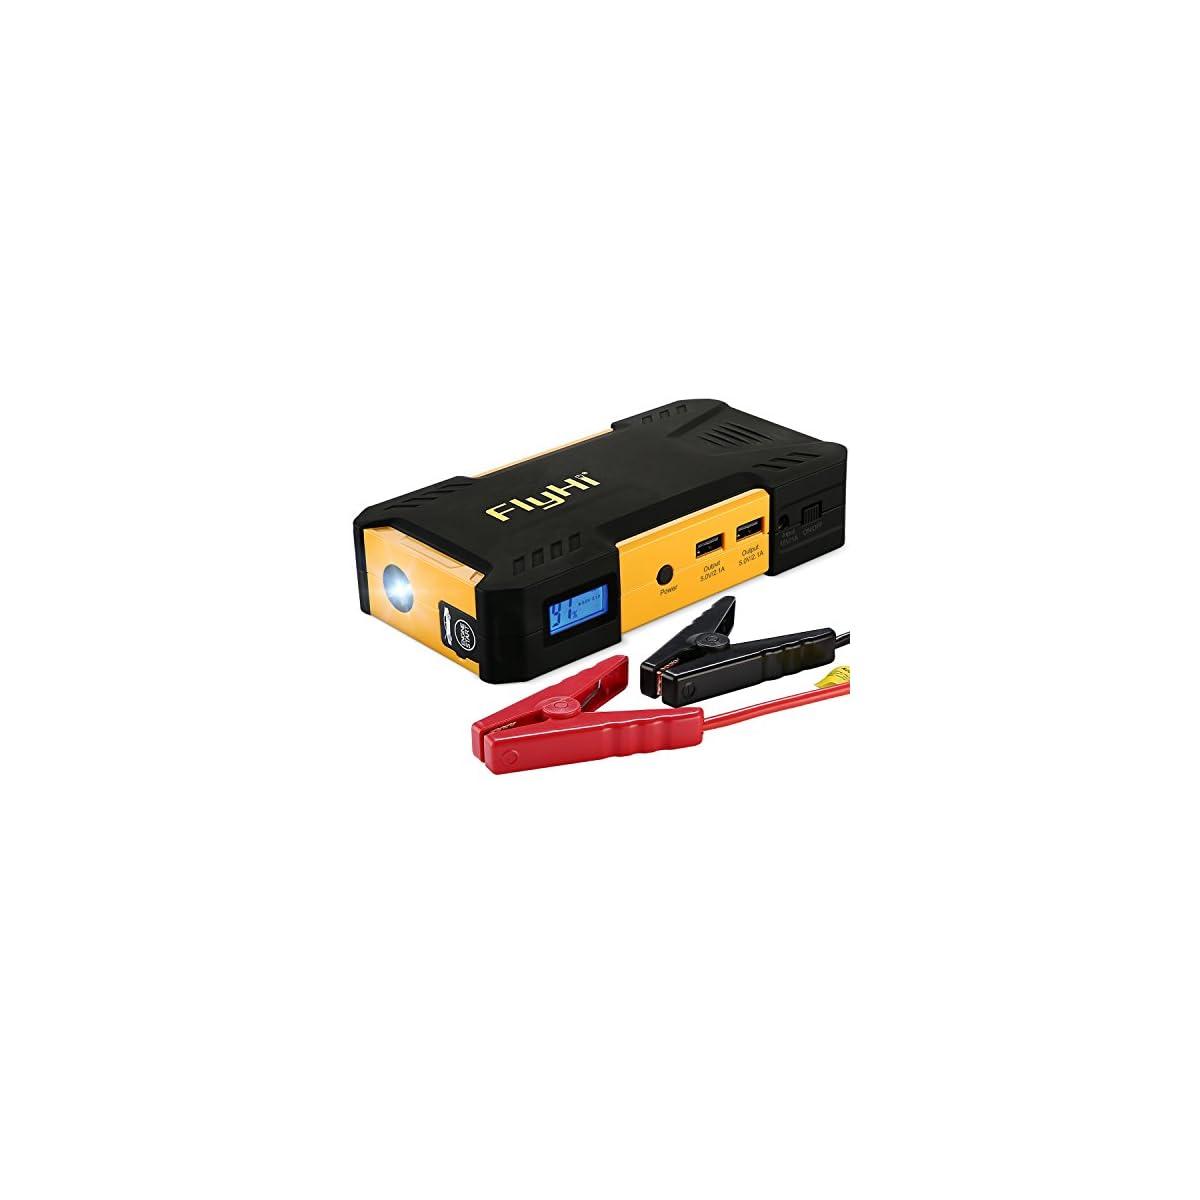 51OVzlQgVHL. SS1200  - FlyHi D12 Arrancador de Coche 800A 18000mAh Arranque de Batería para Coche (Motor de 6,5L Gas o el 5,2L Diesel) Banco de Energía Portable y Acelerador de batería con la Luz del LED y la Salida de USB